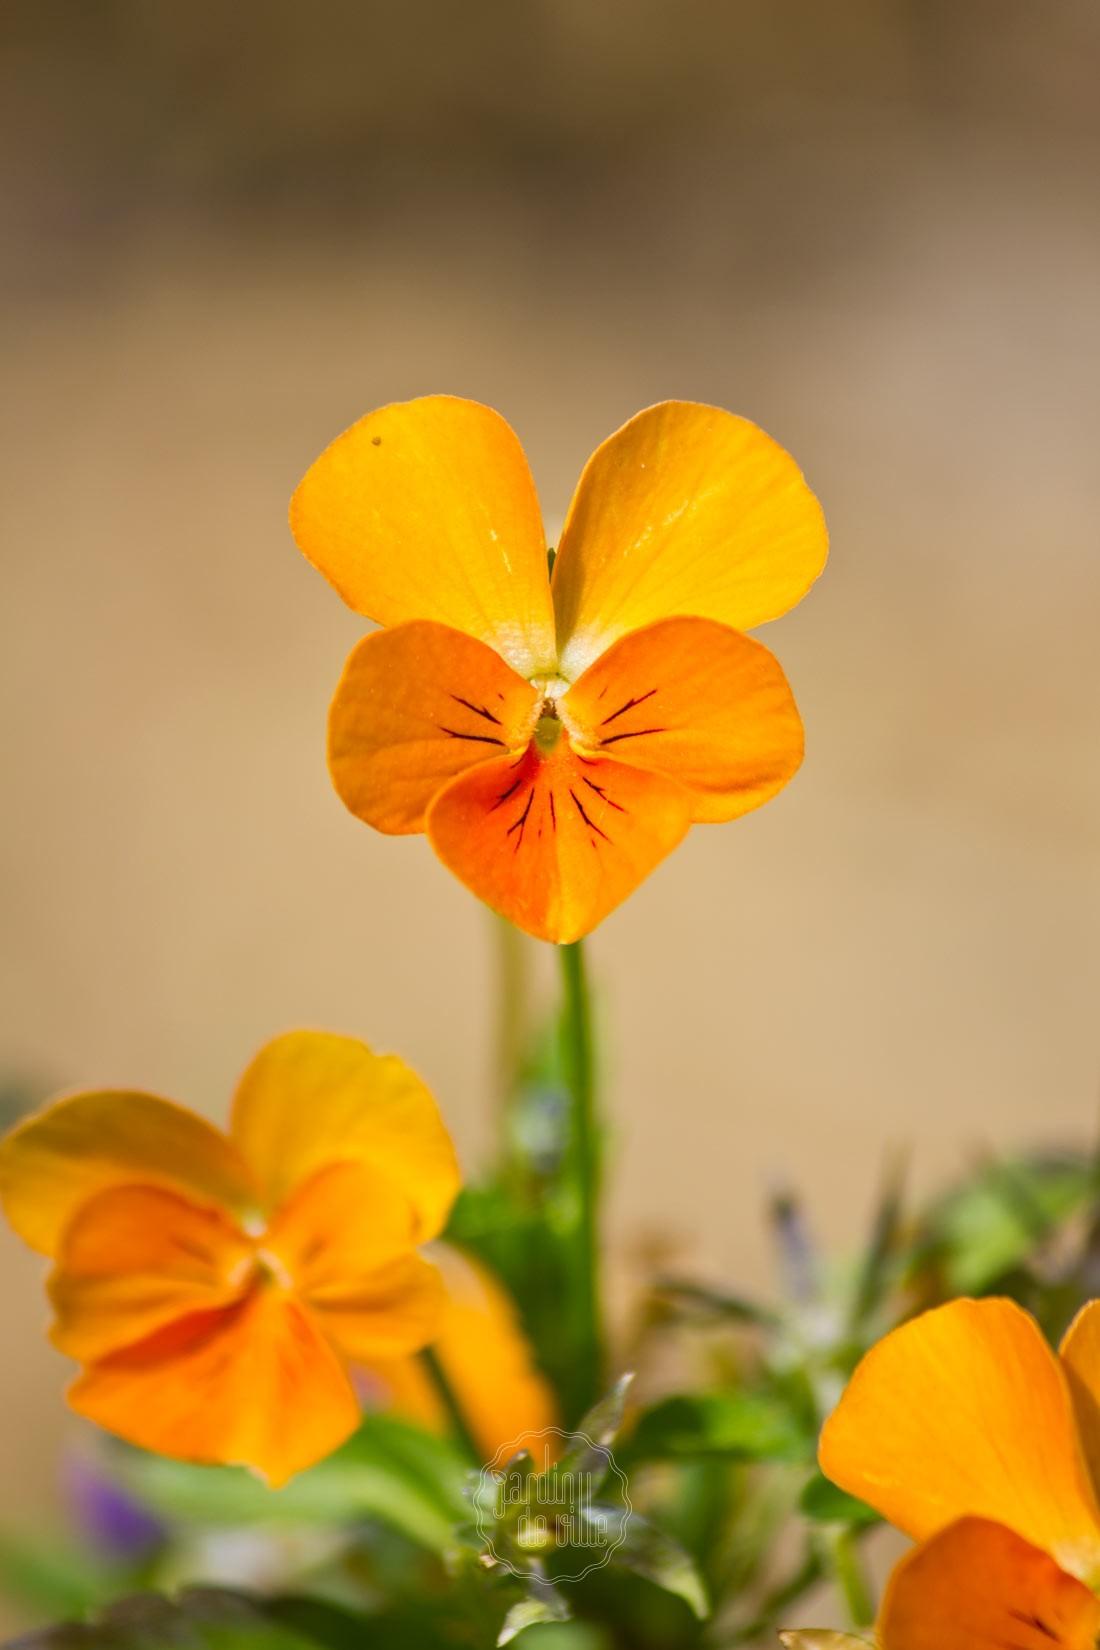 La pensée un grand classique des jardins, à planter sans modération !